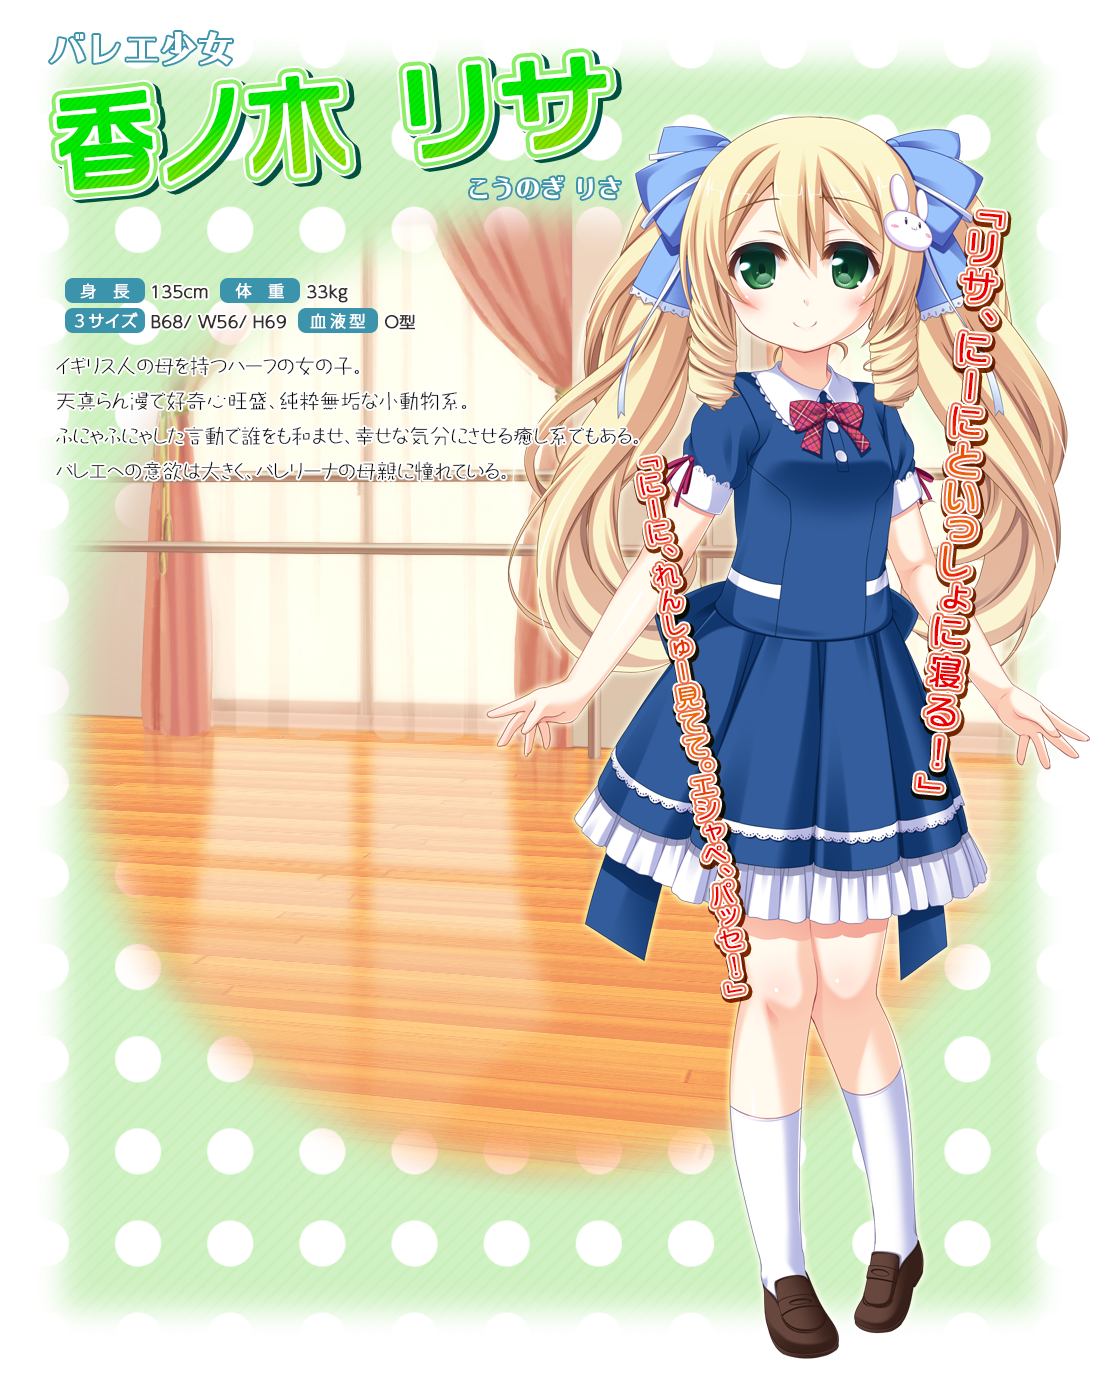 character_back_risa.png